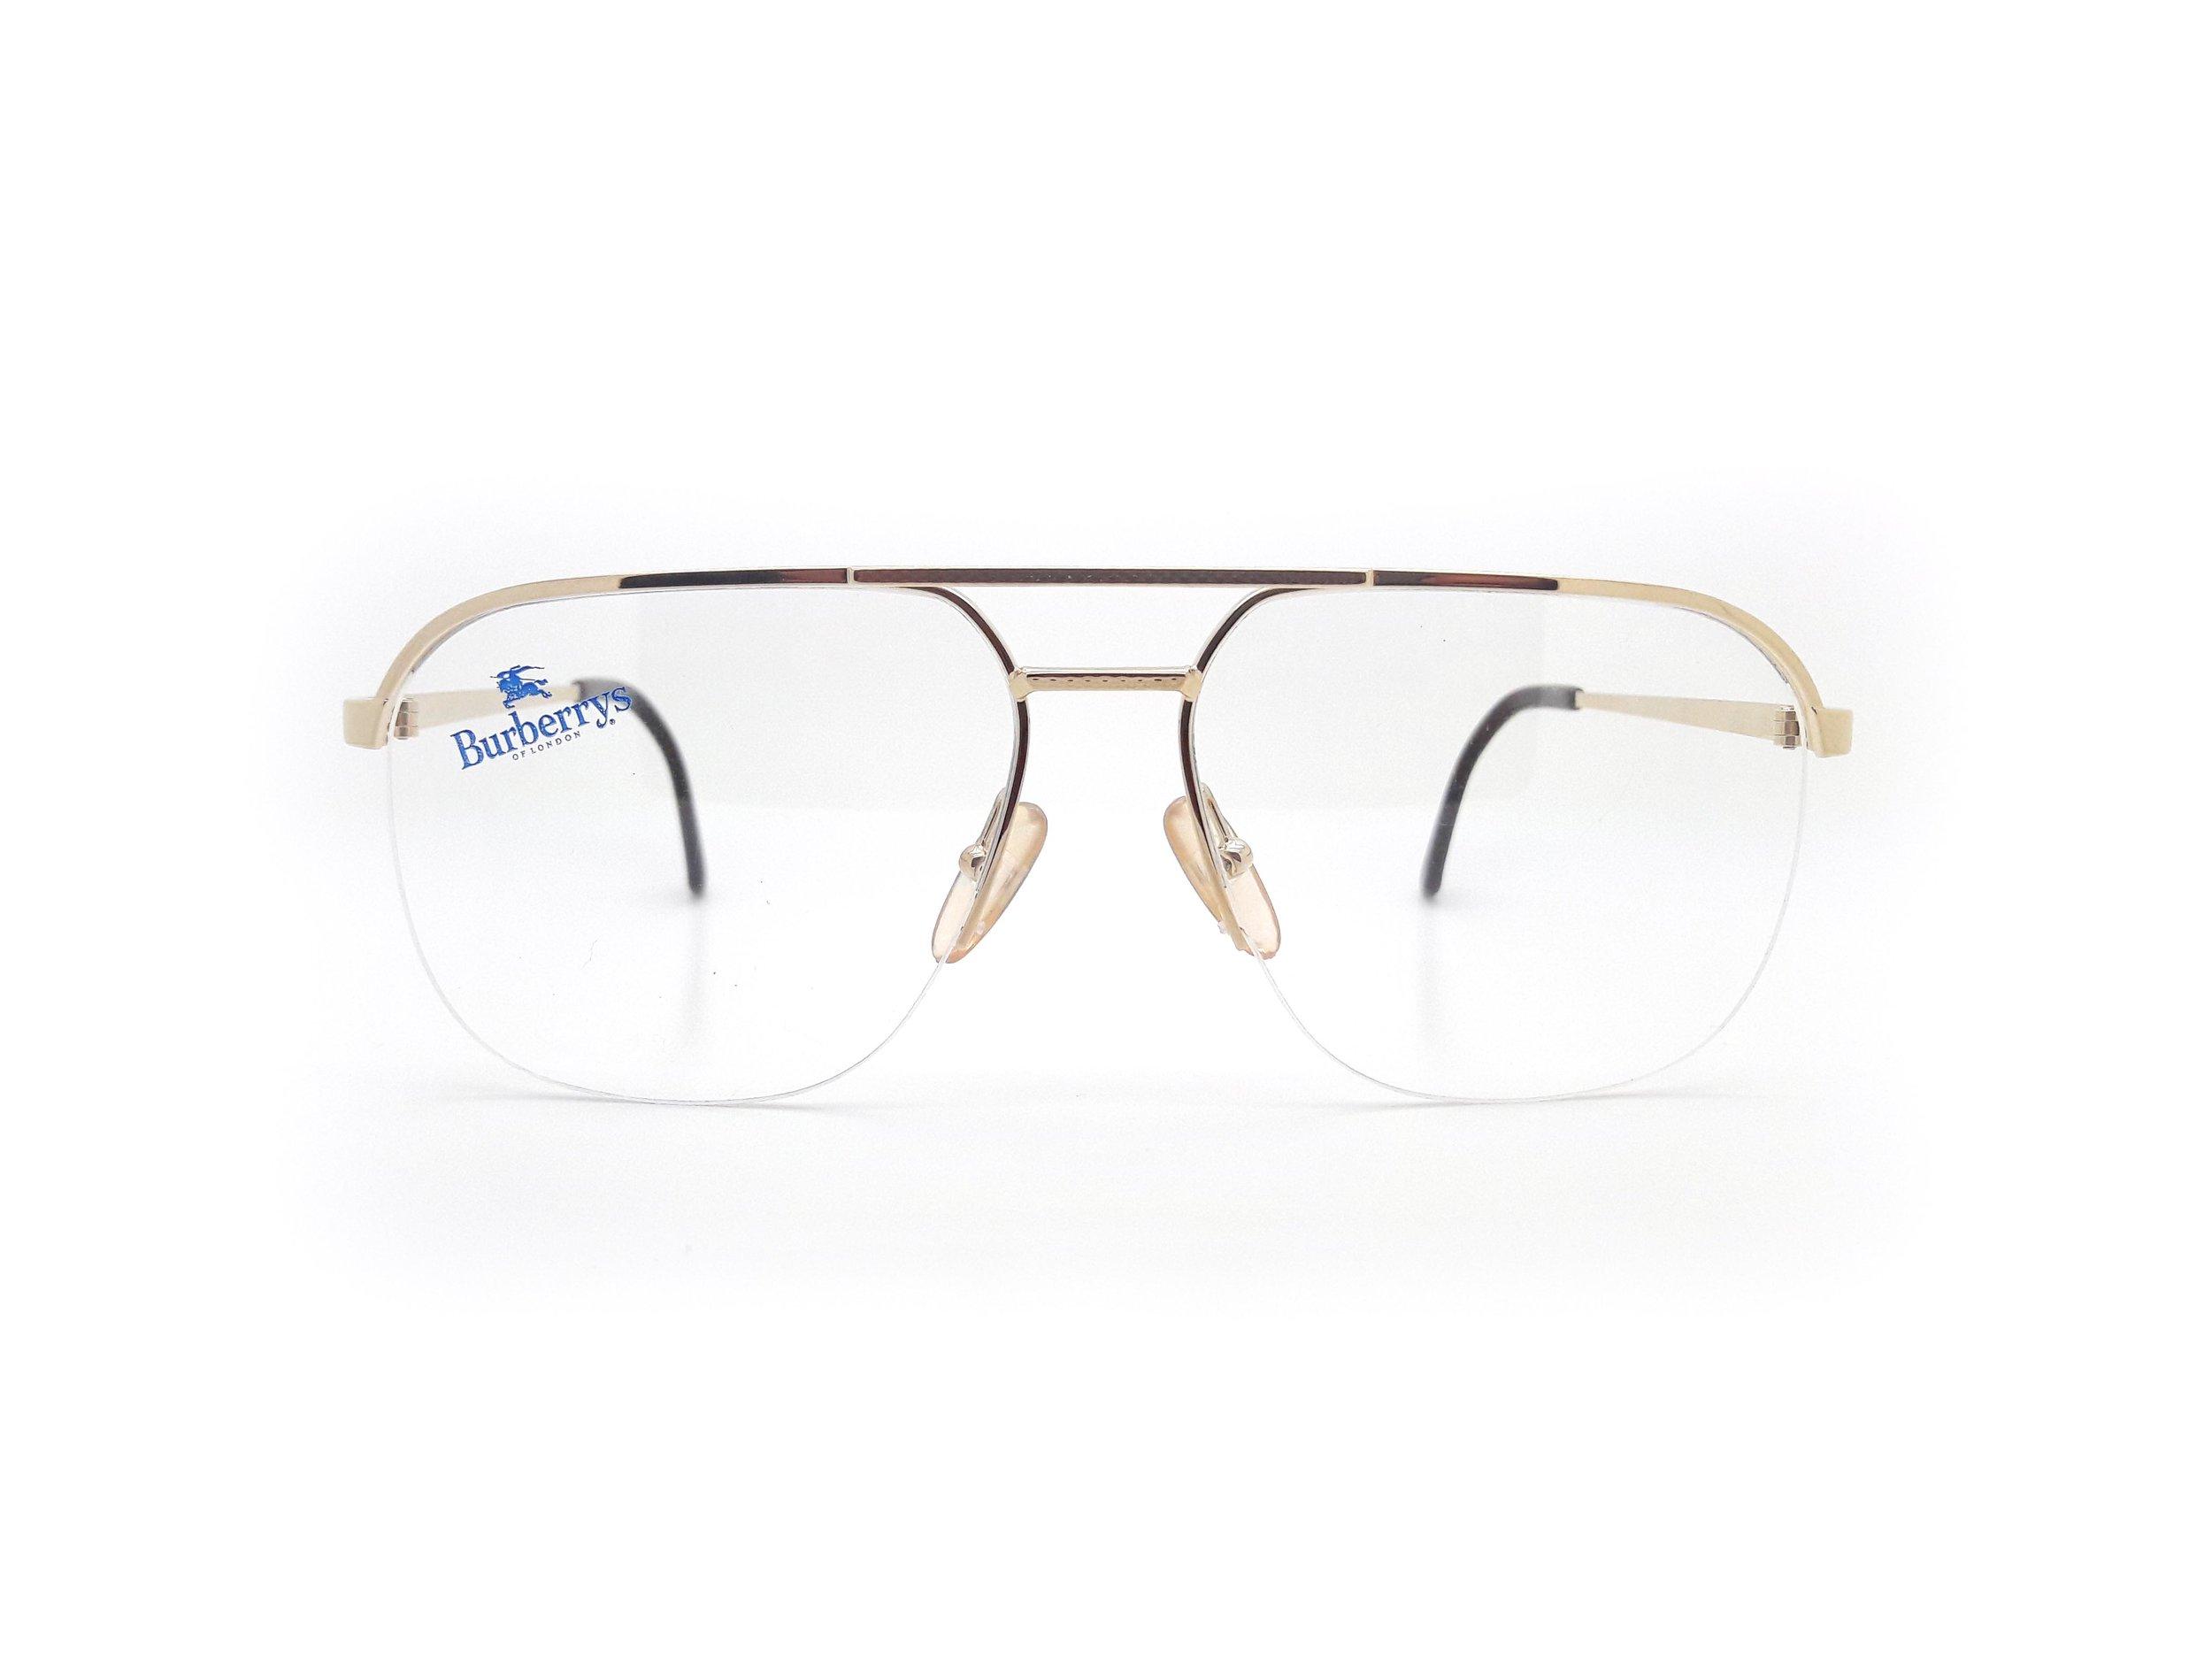 Burberry B8826 000 Vintage Glasses — Ed & Sarna Vintage Eyewear